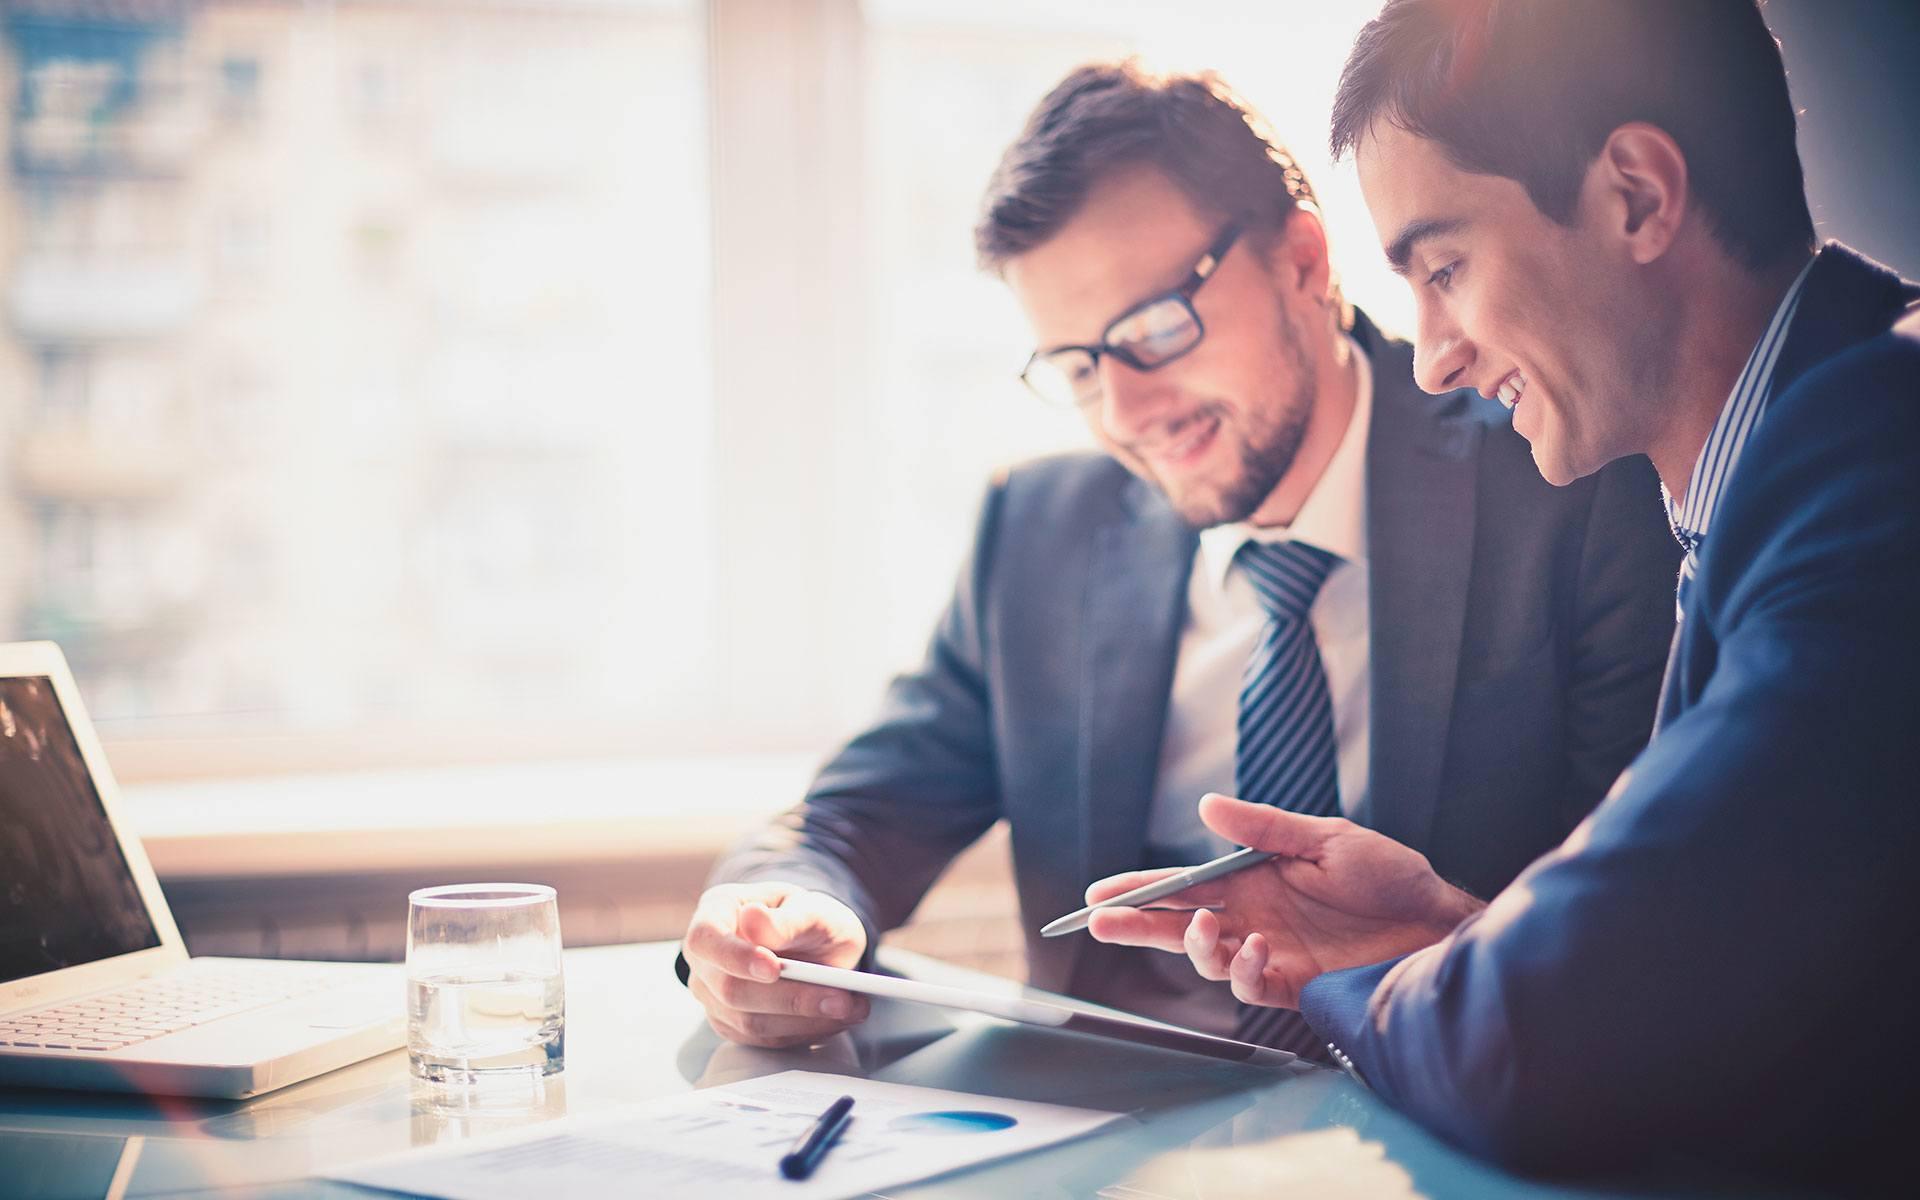 Як перекласти повноваження керівника на учасника ТОВ?